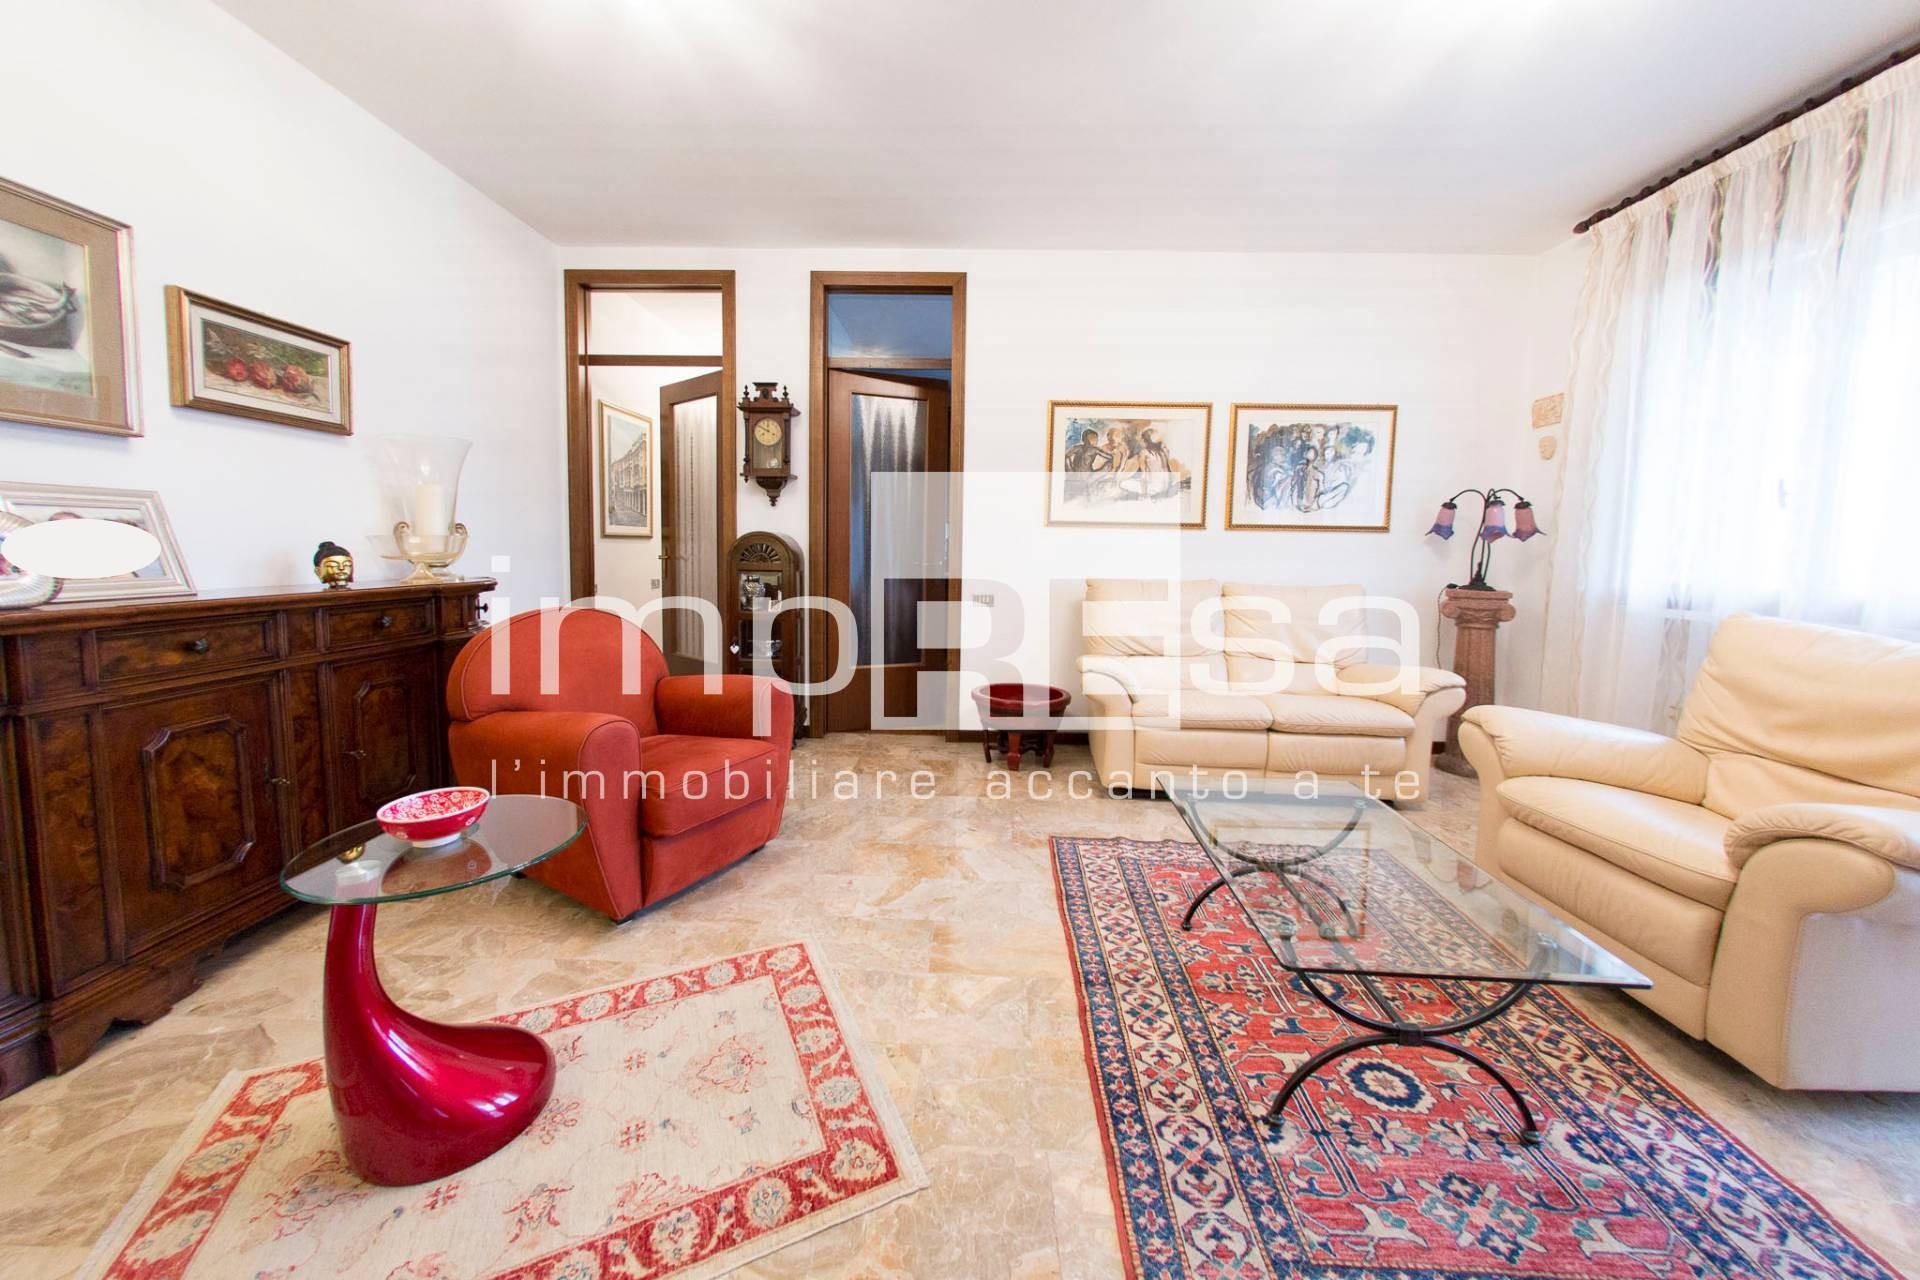 Appartamento in vendita a Quinto di Treviso, 6 locali, zona Località: Quinto, prezzo € 118.000 | CambioCasa.it